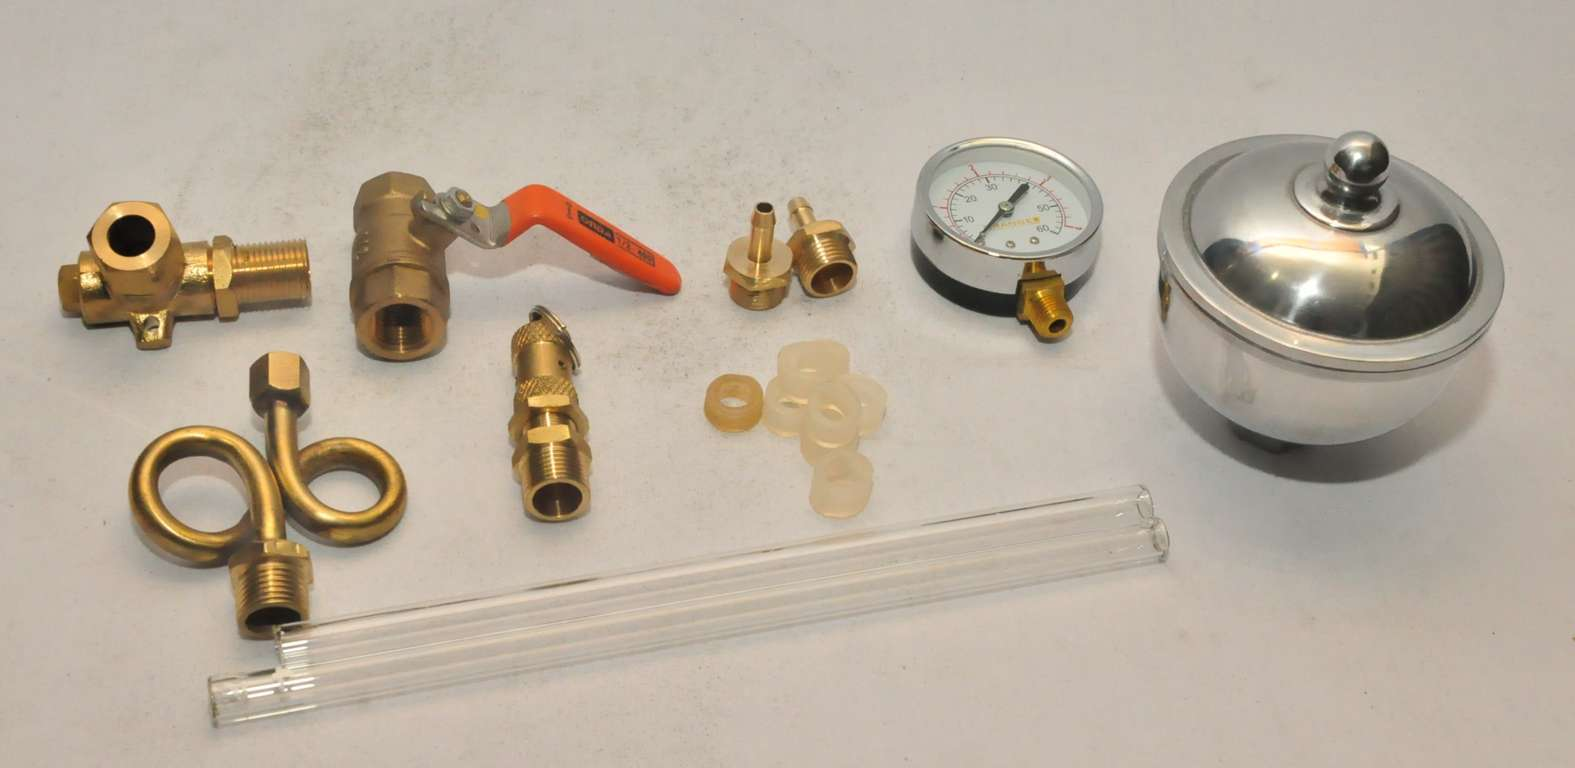 Jasa Pembuatan Website Sparepart Boiler